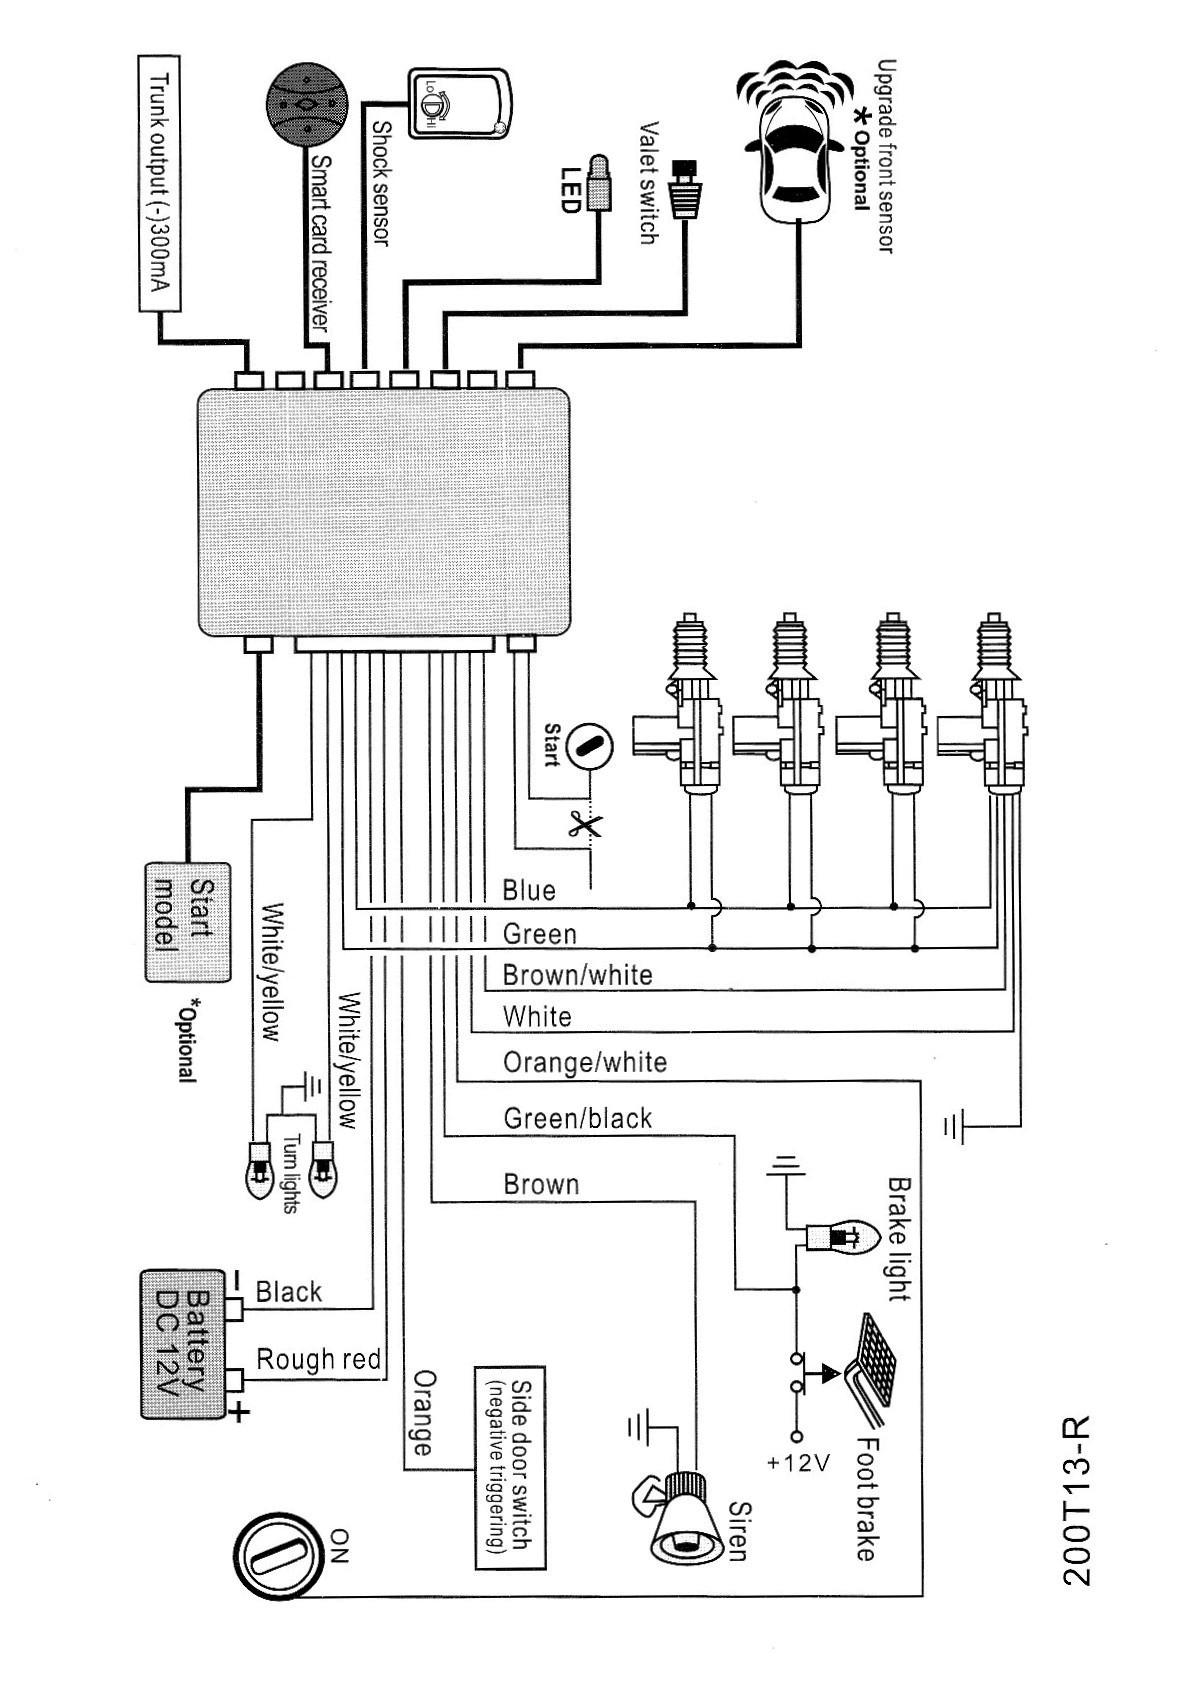 [DIAGRAM_38IS]  Car Alarm Wiring Diagram Generic - Switch Diagram Wiring for Wiring Diagram  Schematics | Car Alarm Wiring Diagram Generic |  | Wiring Diagram Schematics